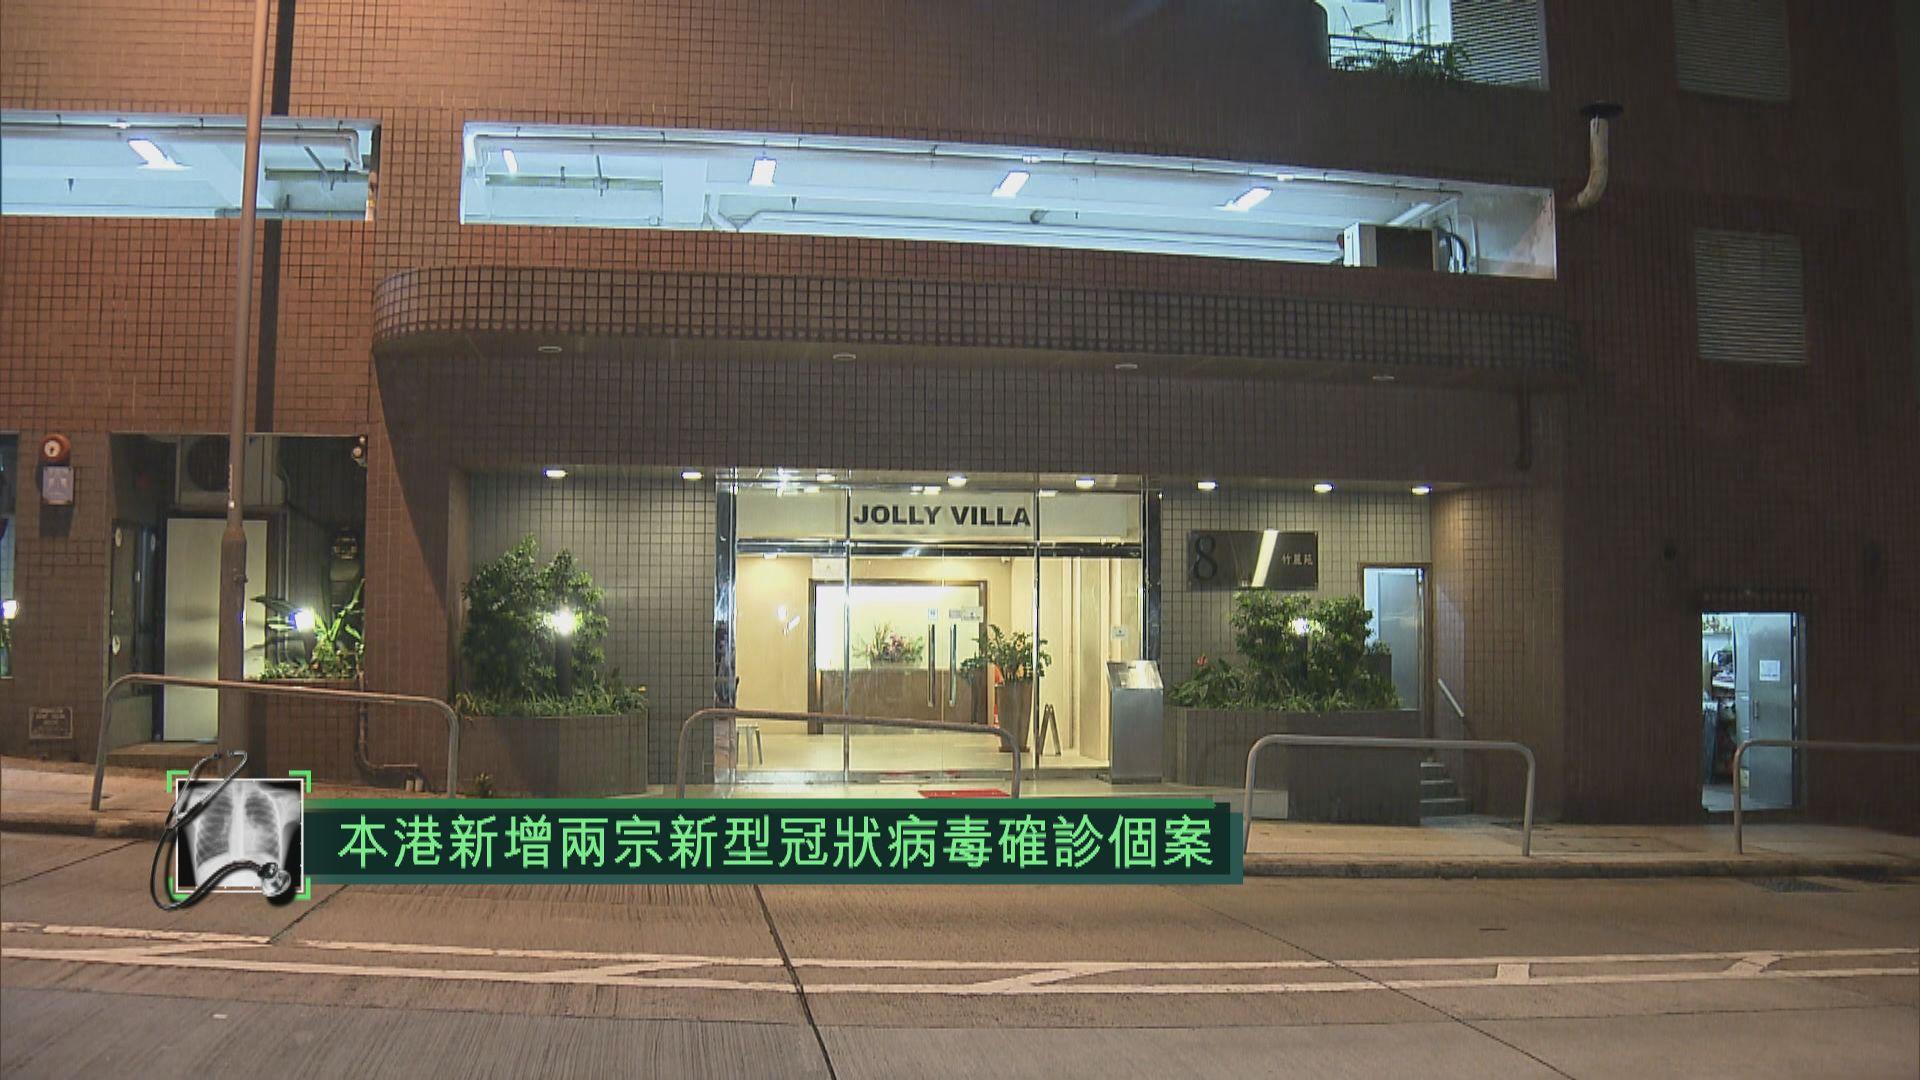 本港新增兩宗新型冠狀病毒確診個案